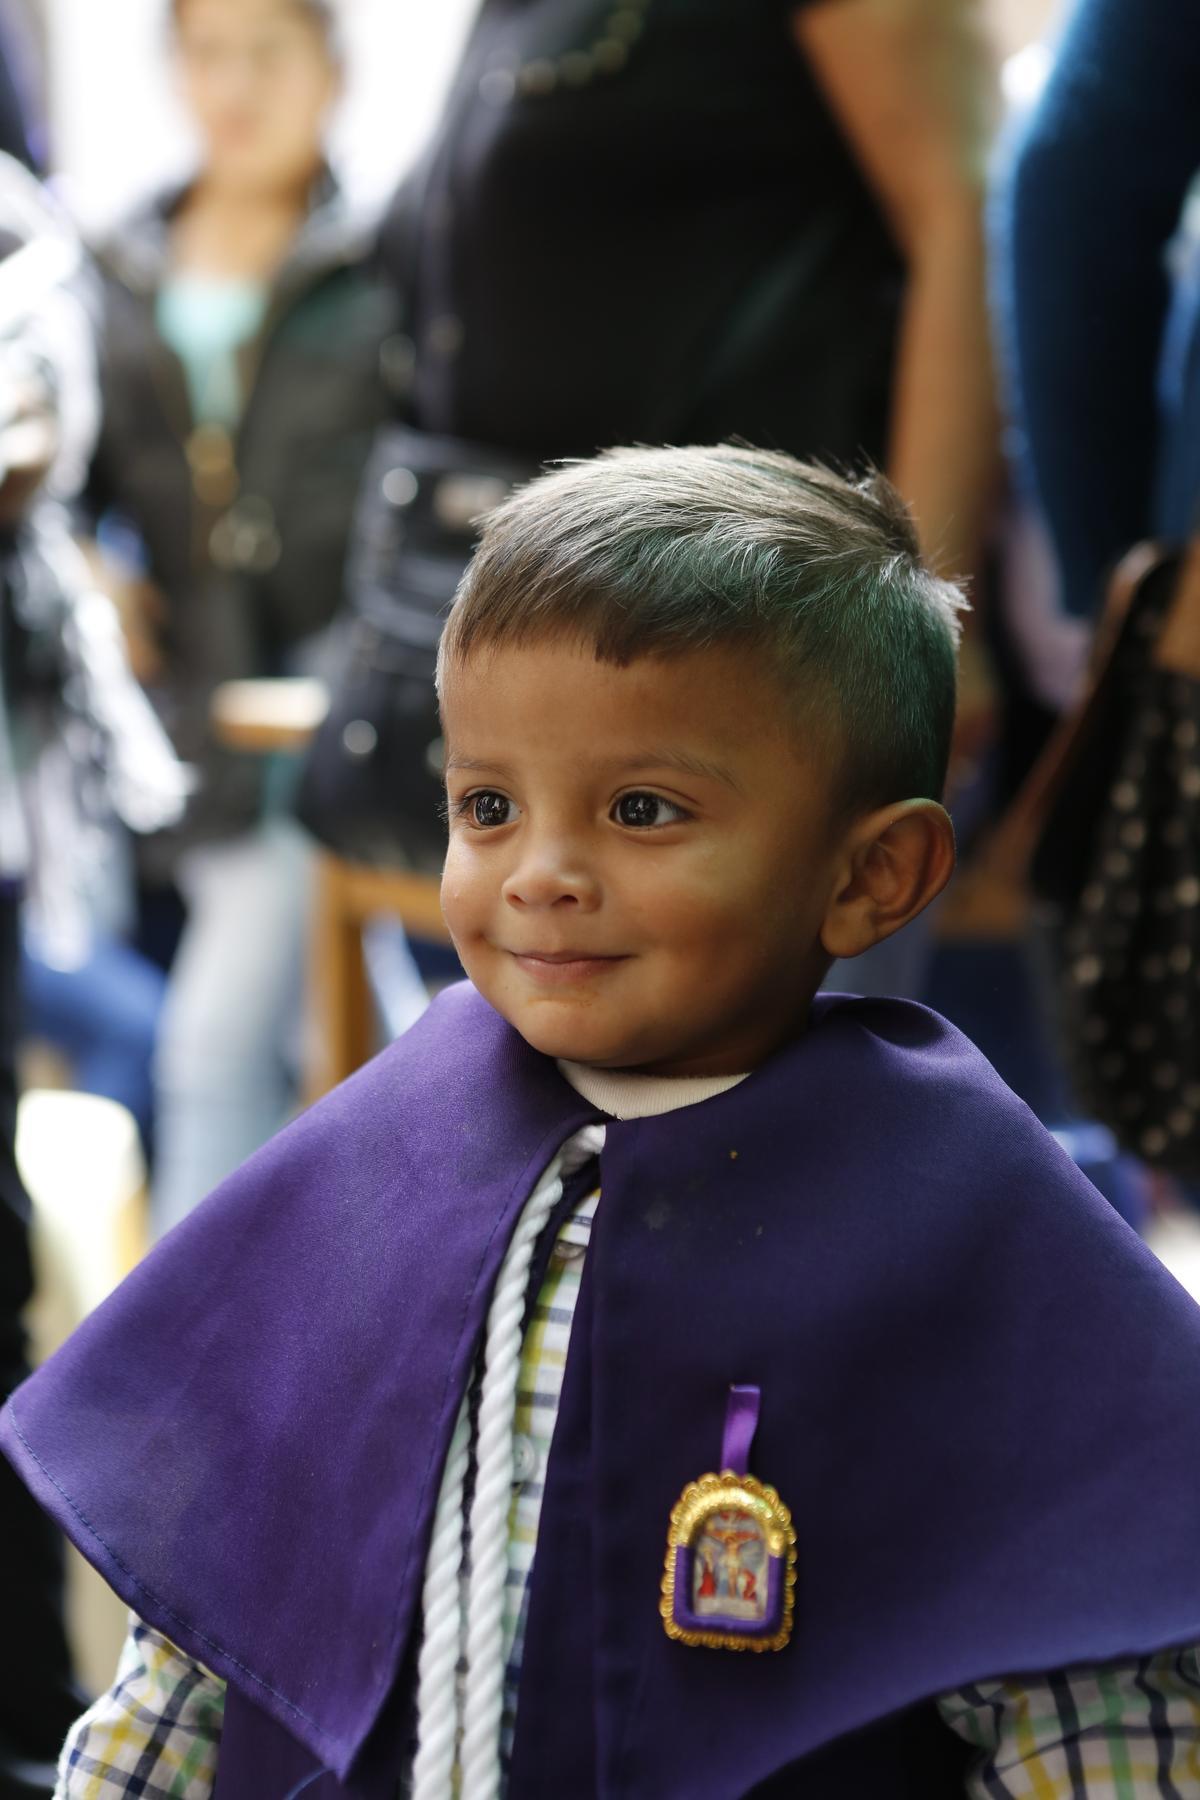 小朋友也穿上紫色罩袍。